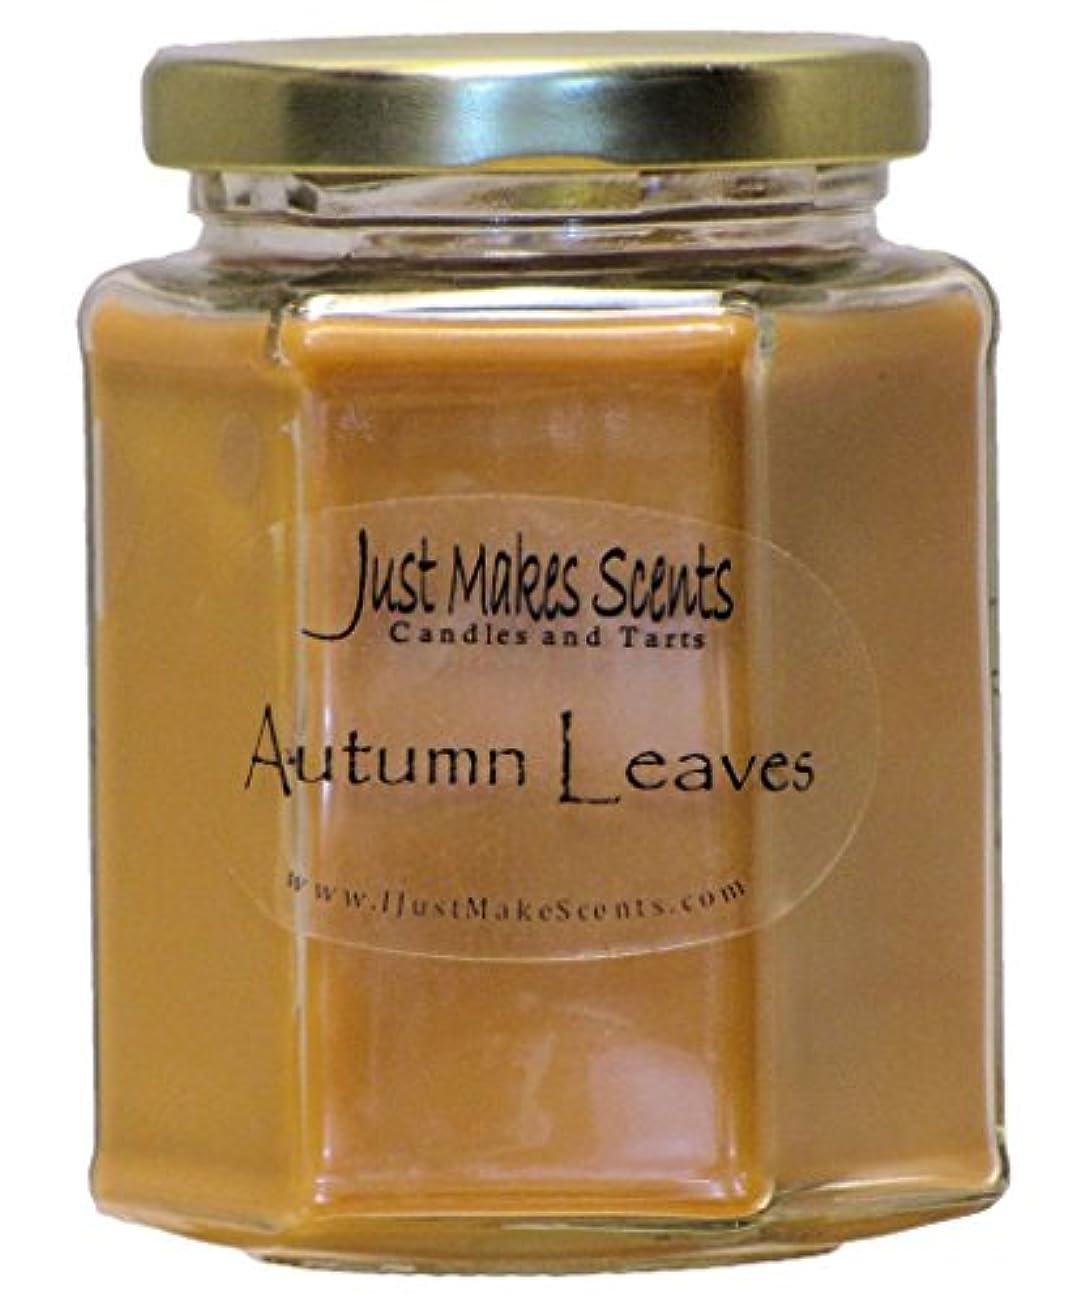 継承匿名結晶Autumn Leaves香りつきBlended Soy Candle by Just Makes Scents